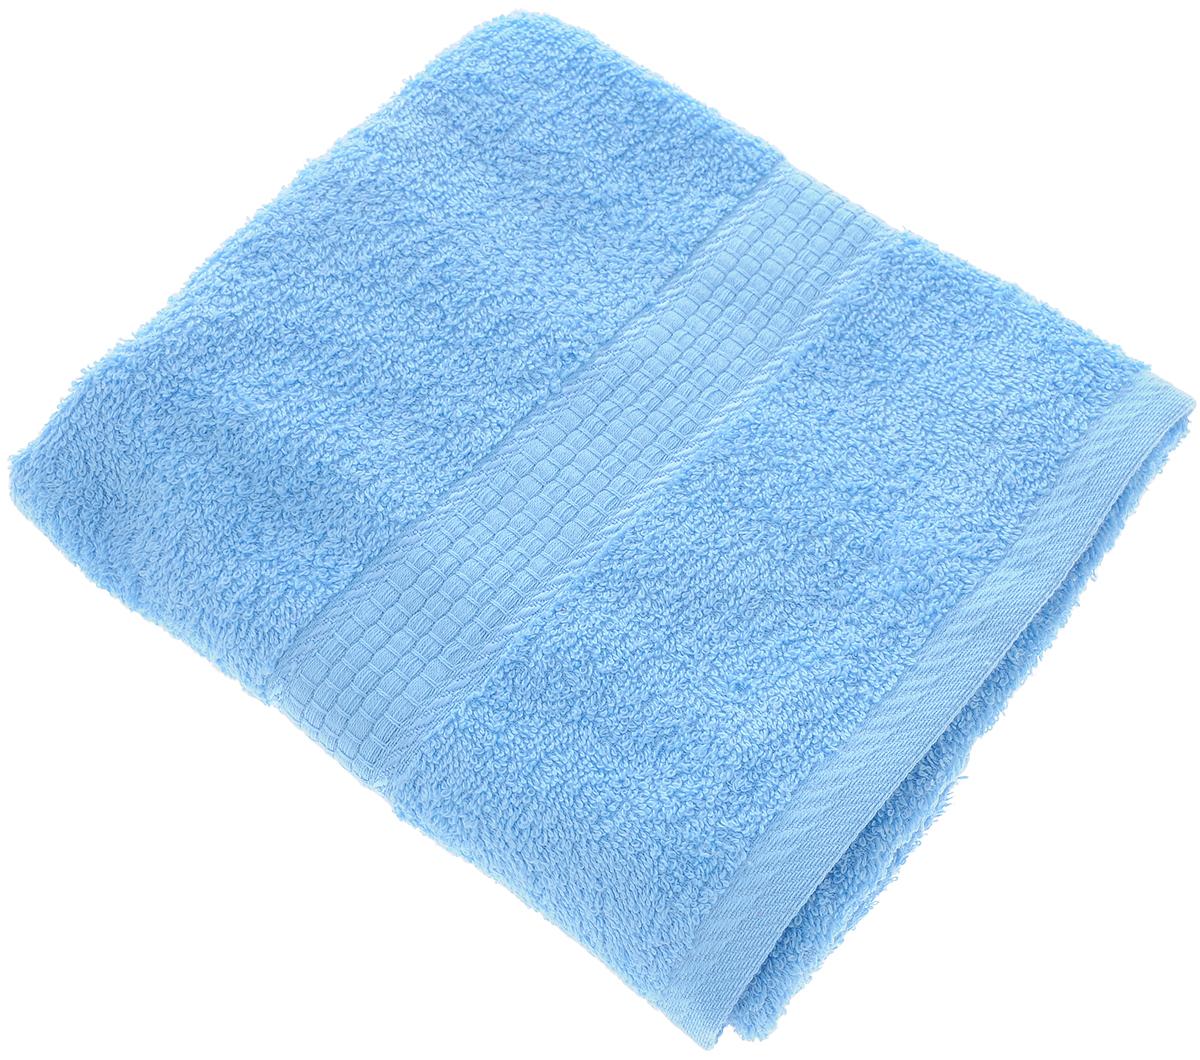 Полотенце Aisha Home Textile, цвет: голубой, 50 х 90 смУзТ-ПМ-112-08-06кМахровые полотенца AISHA Home Textile идеальное сочетание цены и качества. Полотенца упакованы в стильную подарочную коробку. В состав входит только натуральное волокно - хлопок. Лаконичные бордюры подойдут для любого интерьера ванной комнаты. Полотенца прекрасно впитывает влагу и быстро сохнут. При соблюдении рекомендаций по уходу не линяют и не теряют форму даже после многократных стирок. Состав: 100% хлопок.